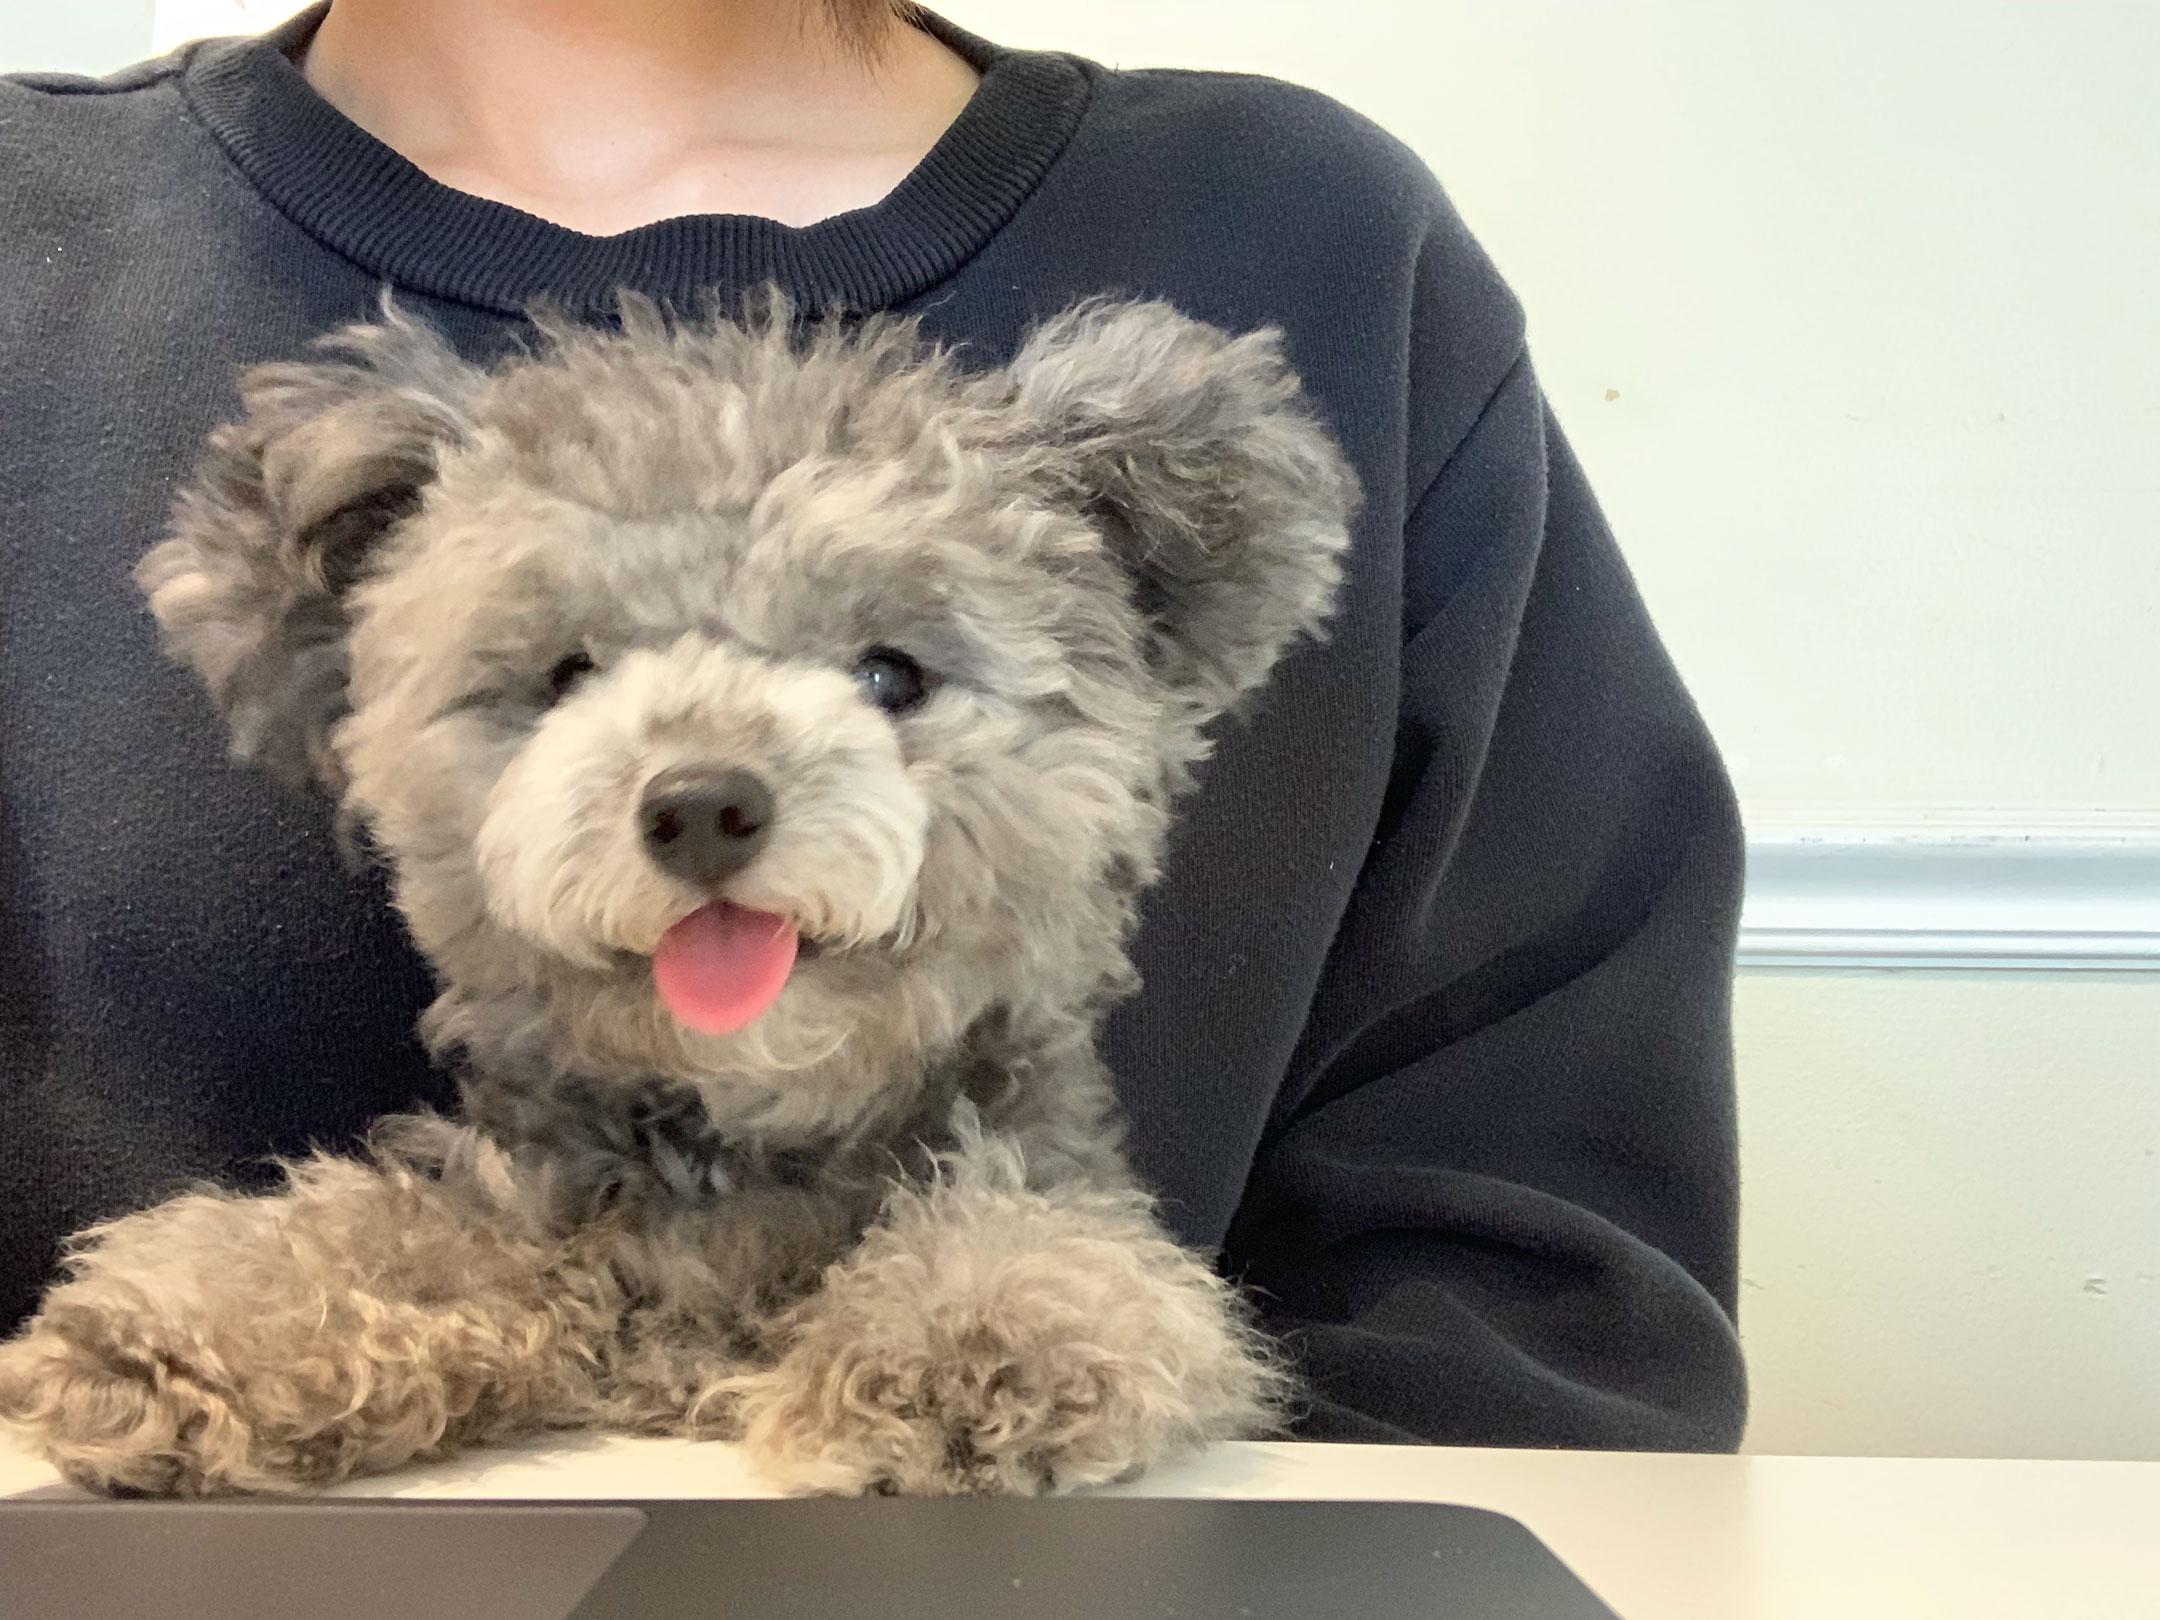 Photo - Teddy bear